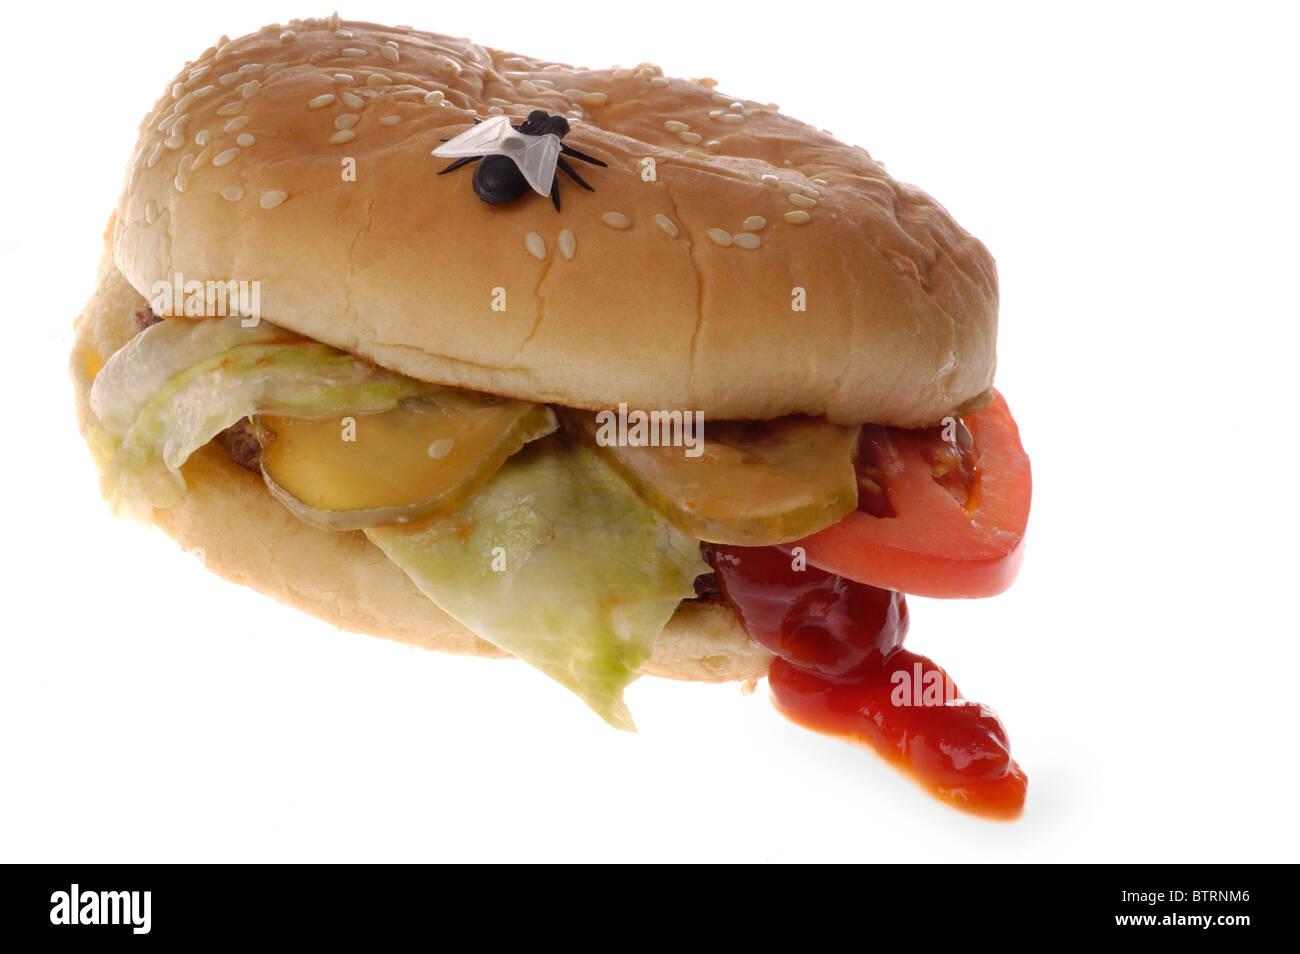 Disgusting Looking Food That Tastes Good